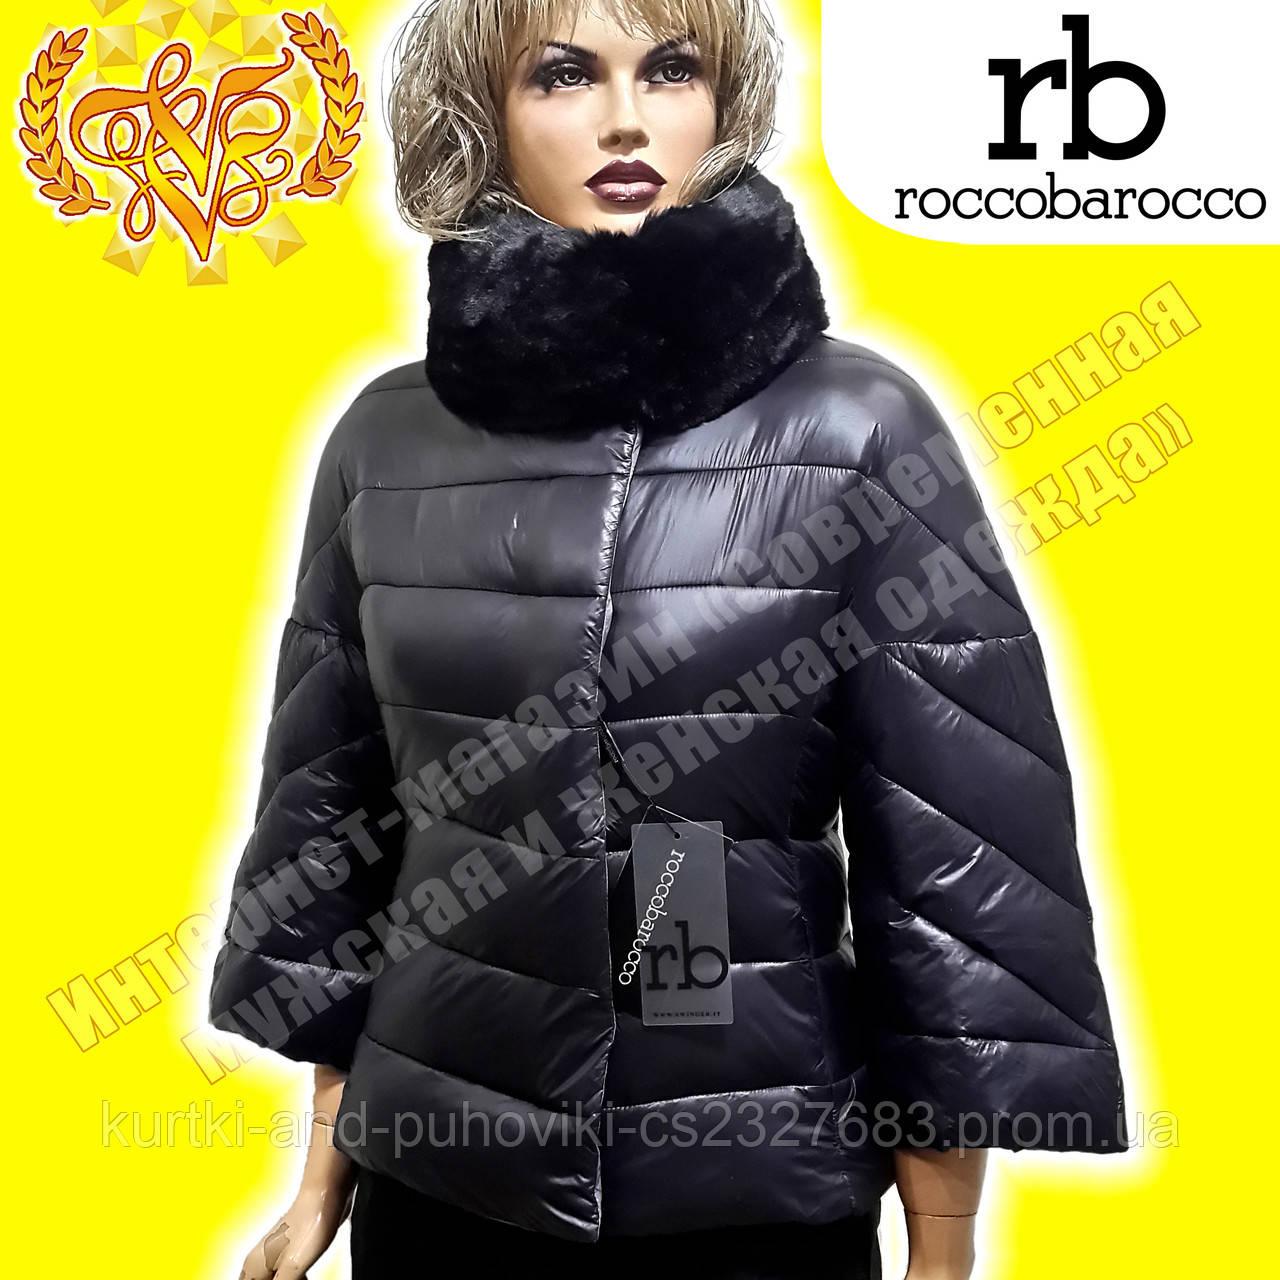 f2474c8fe15 Женская короткая куртка - Интернет-магазин «Современная мужская и женская  одежда» в Черновцах